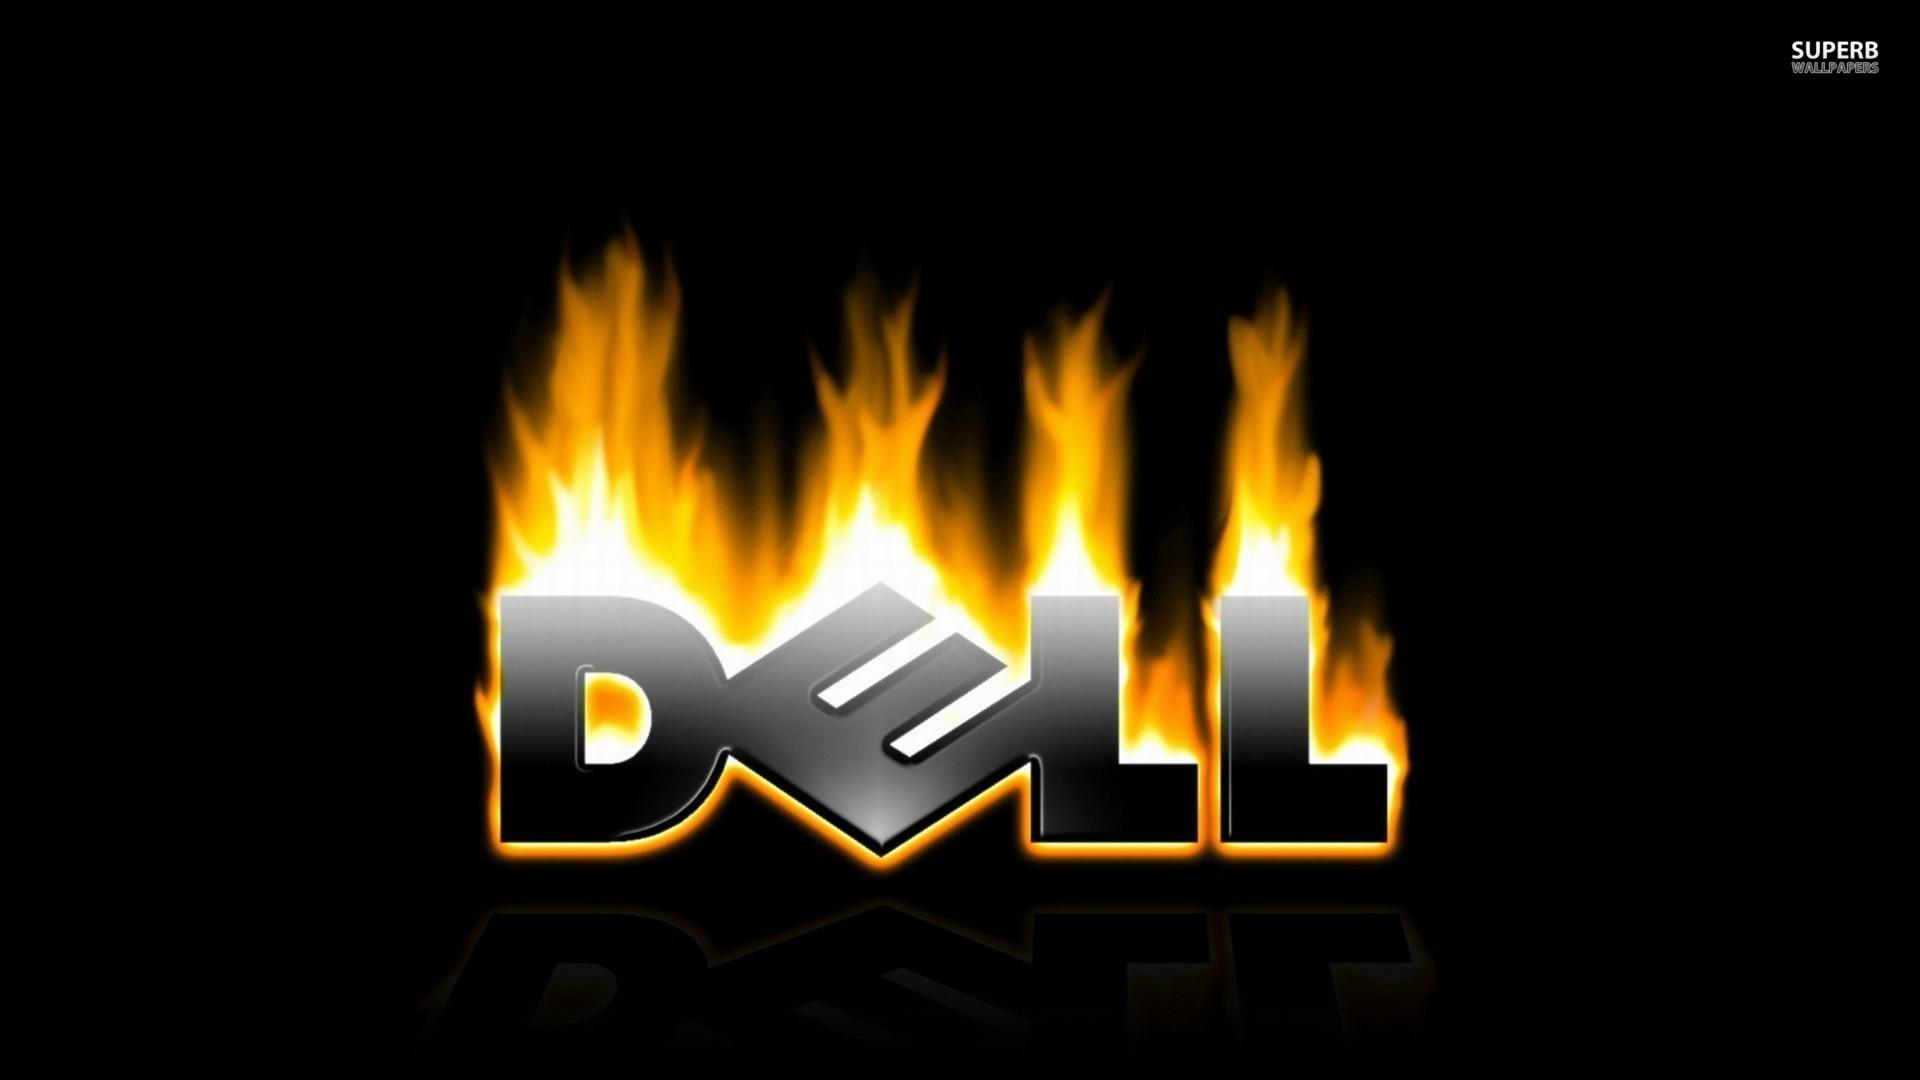 1920x1080 Dell Logo Jpg